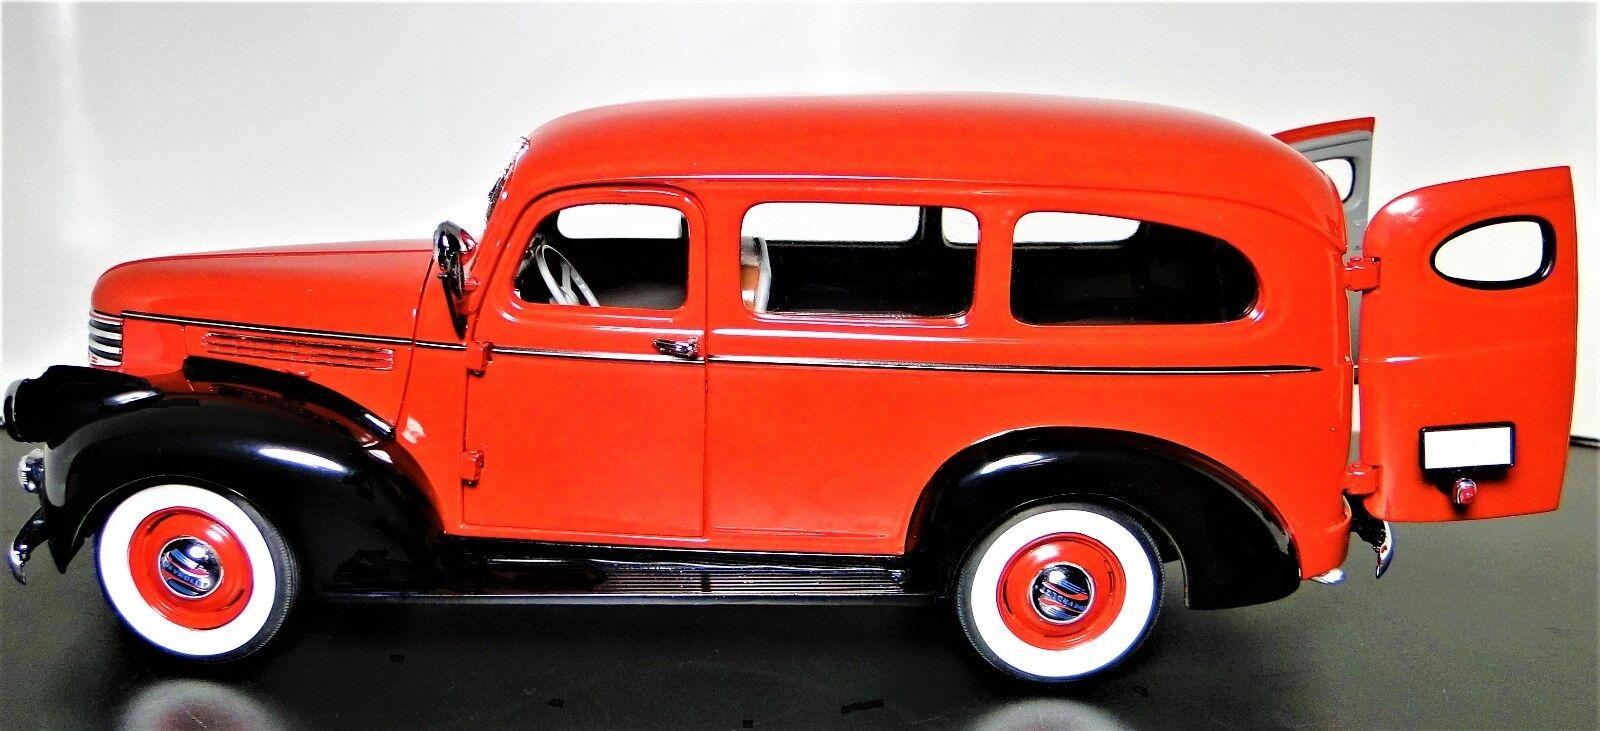 nuevo sádico Un camión Ford 1940 1 24 Pickup 18 Vintage T T T Coche Modelo de metal antiguos 12  venta directa de fábrica